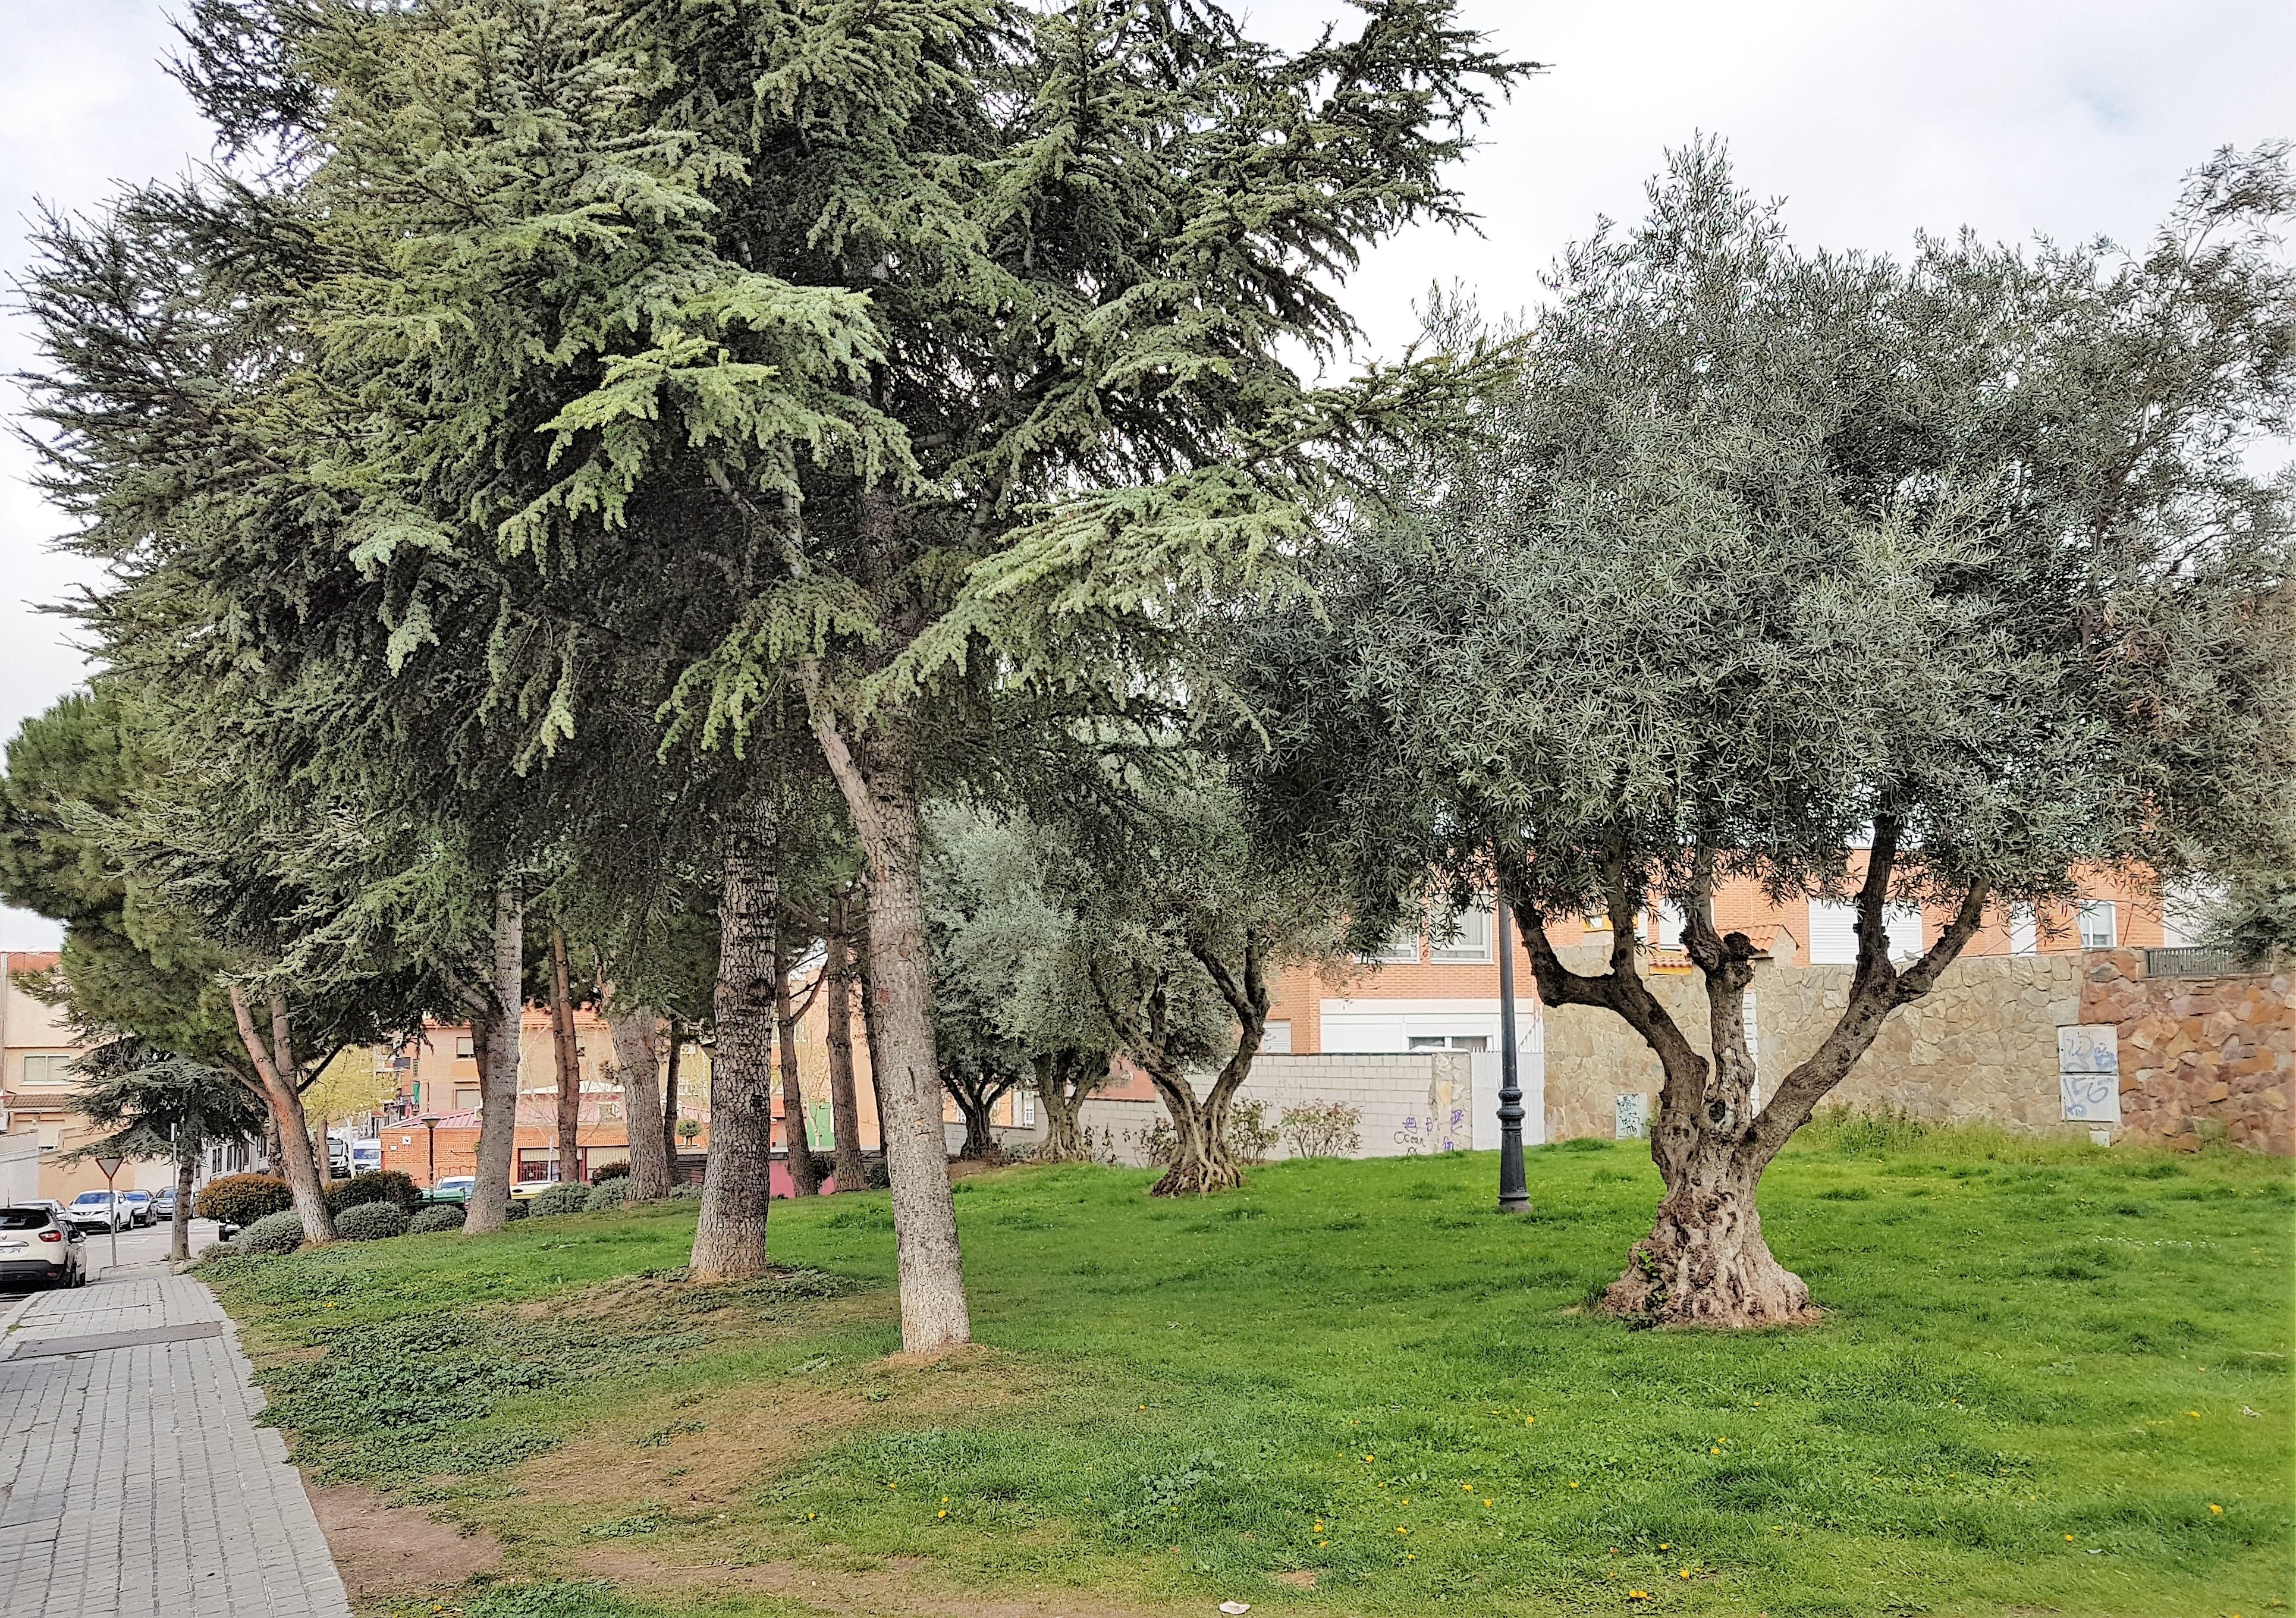 El Ayuntamiento de Velilla está procediendo a la revisión del arbolado del municipio